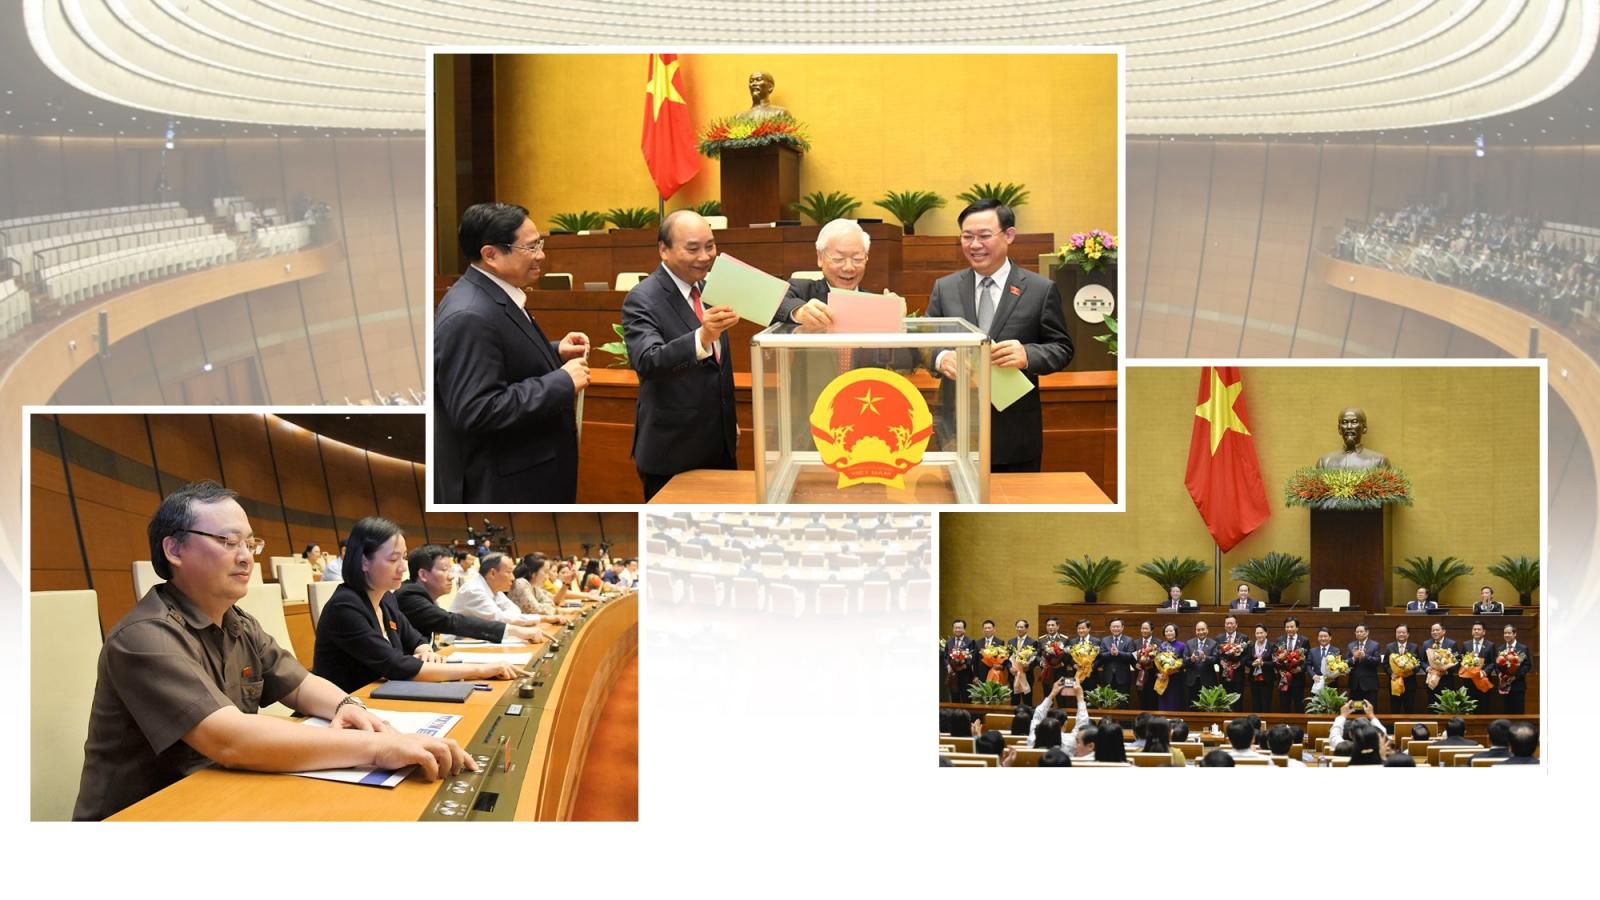 Quốc hội khóa XV: Trọng trách lớn đòi hỏi tầm nhìn mới